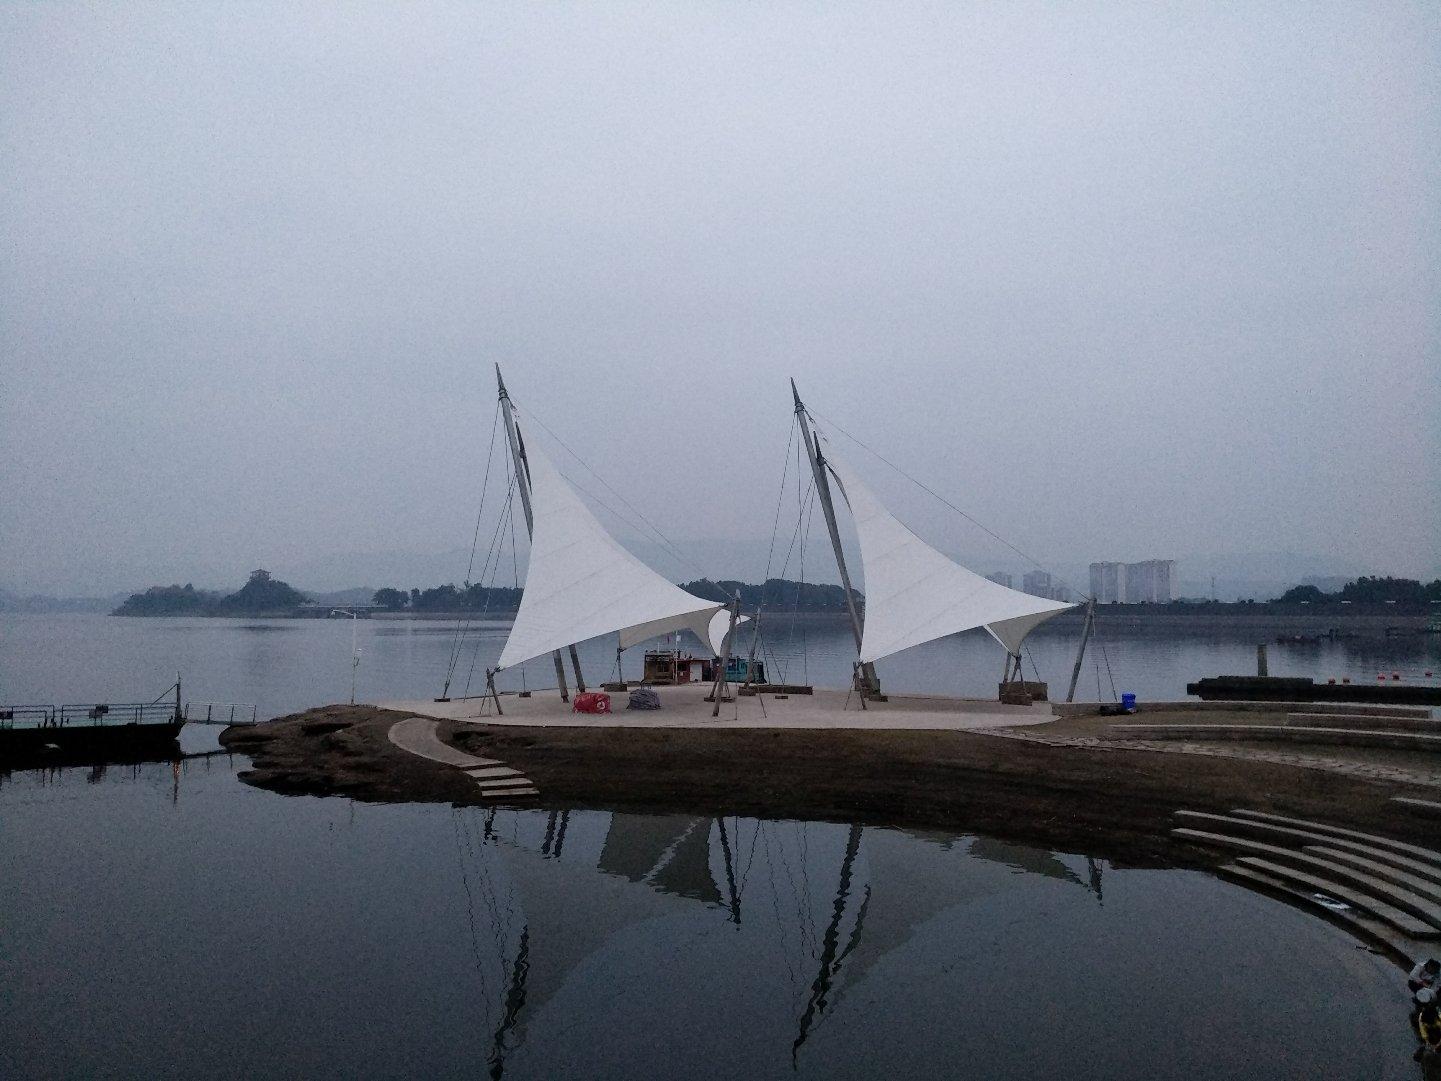 重庆市长寿区长寿湖镇湖边村天气预报